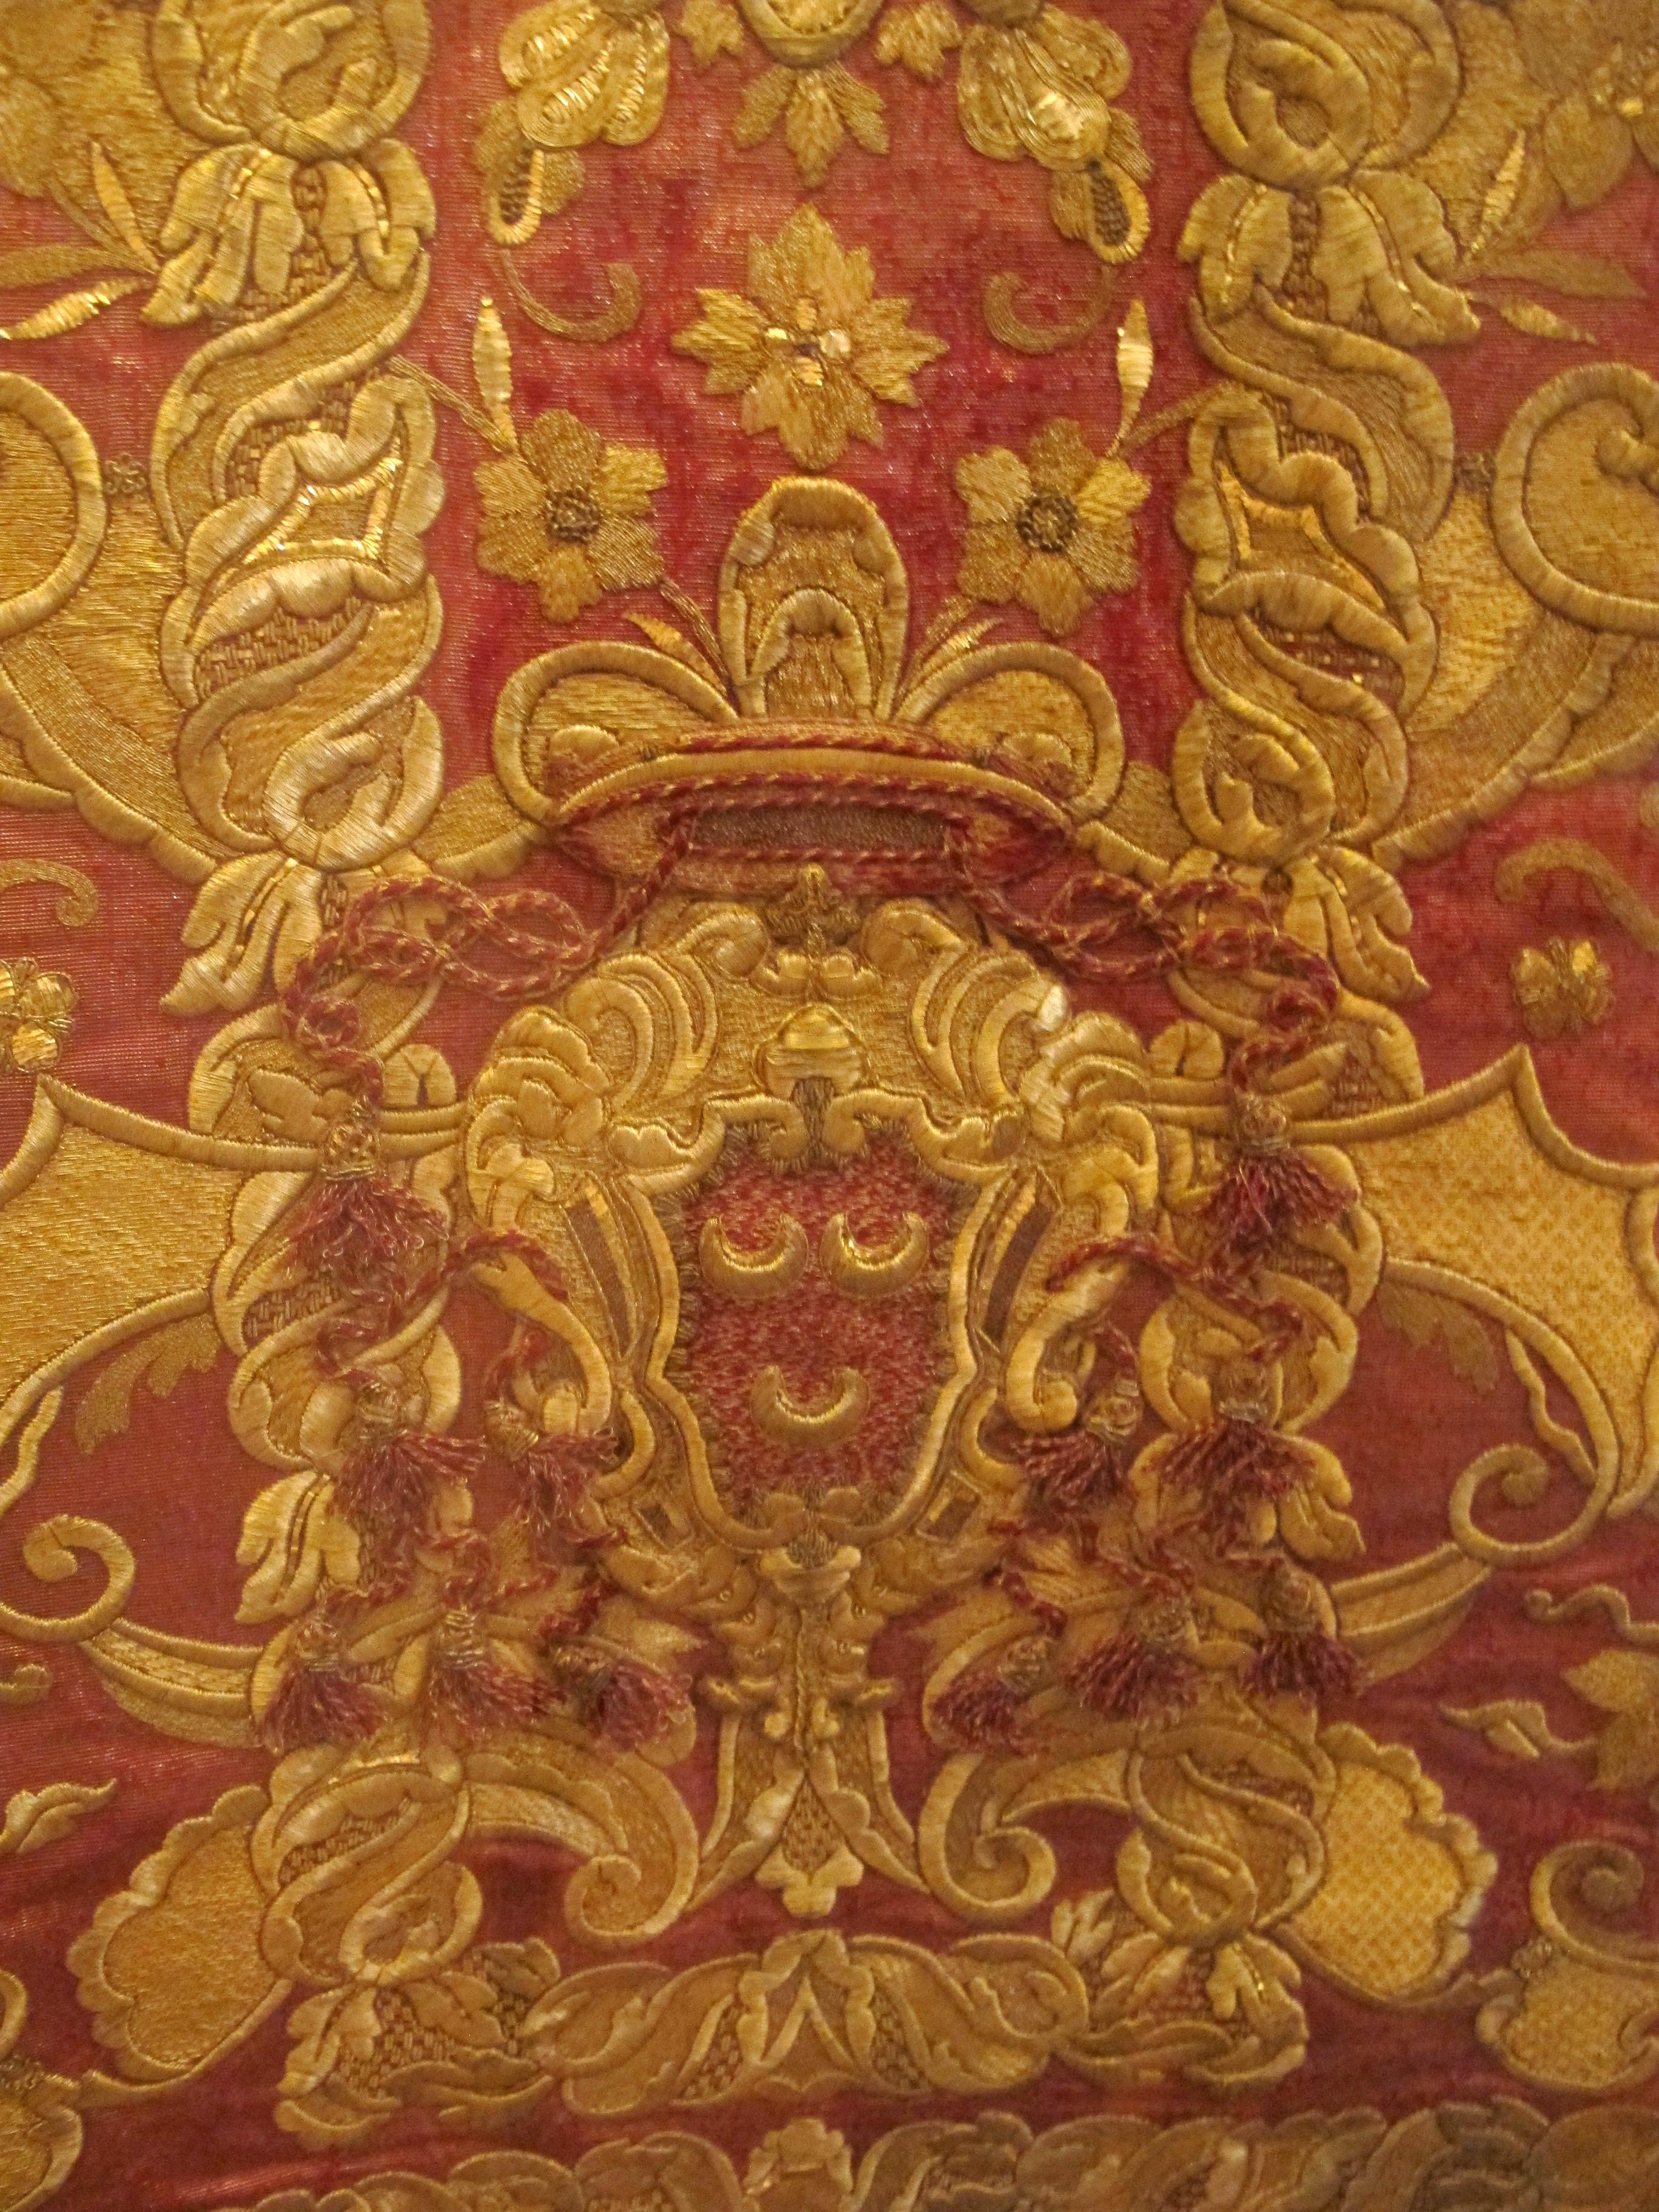 File:Pianeta rossa con stemma cardinale marcello cerscenzi, in gros de tours laminato, ricamato ...